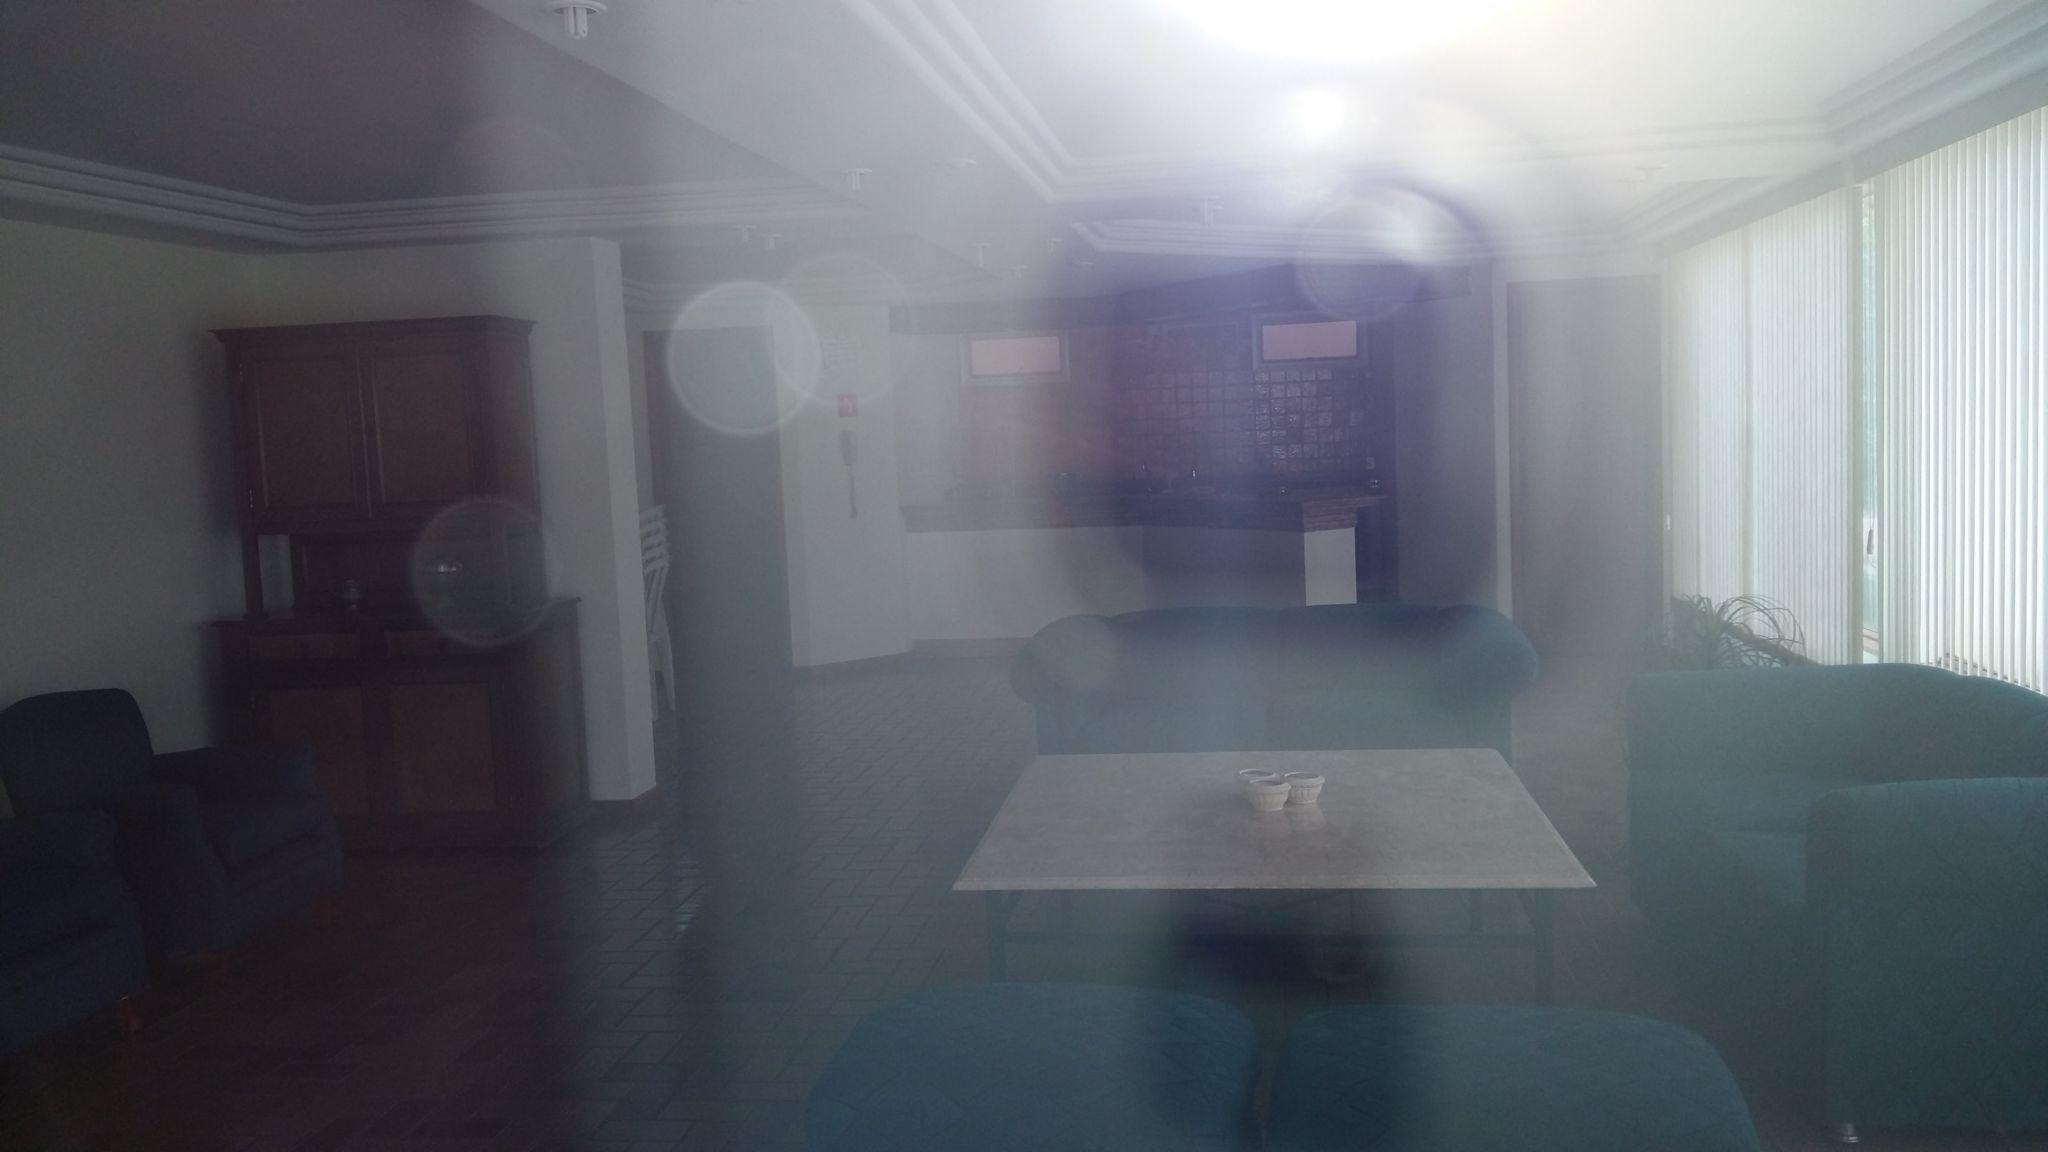 217 - Vila Seixas 3 Dormitórios